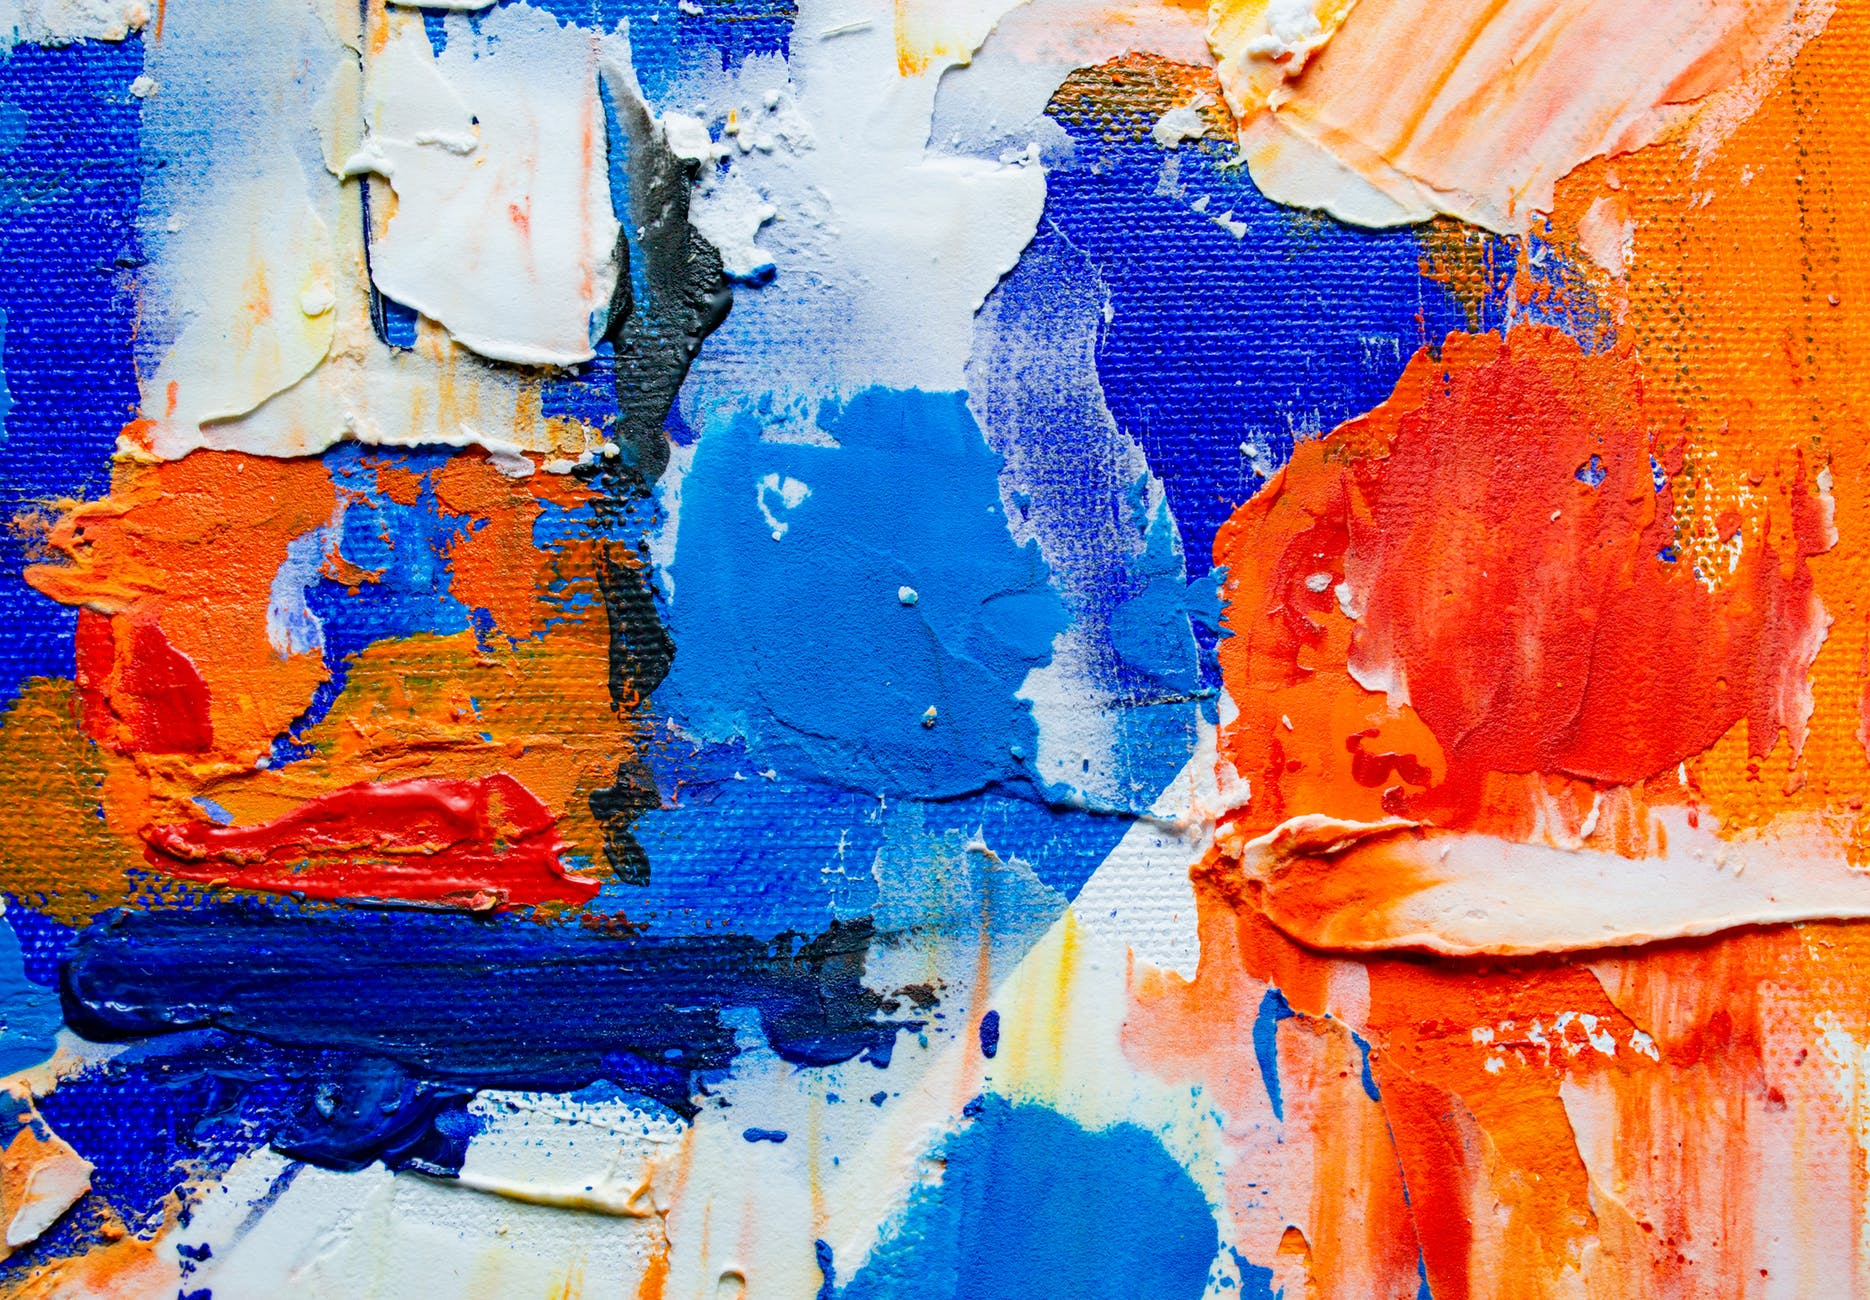 abstract paitning wall